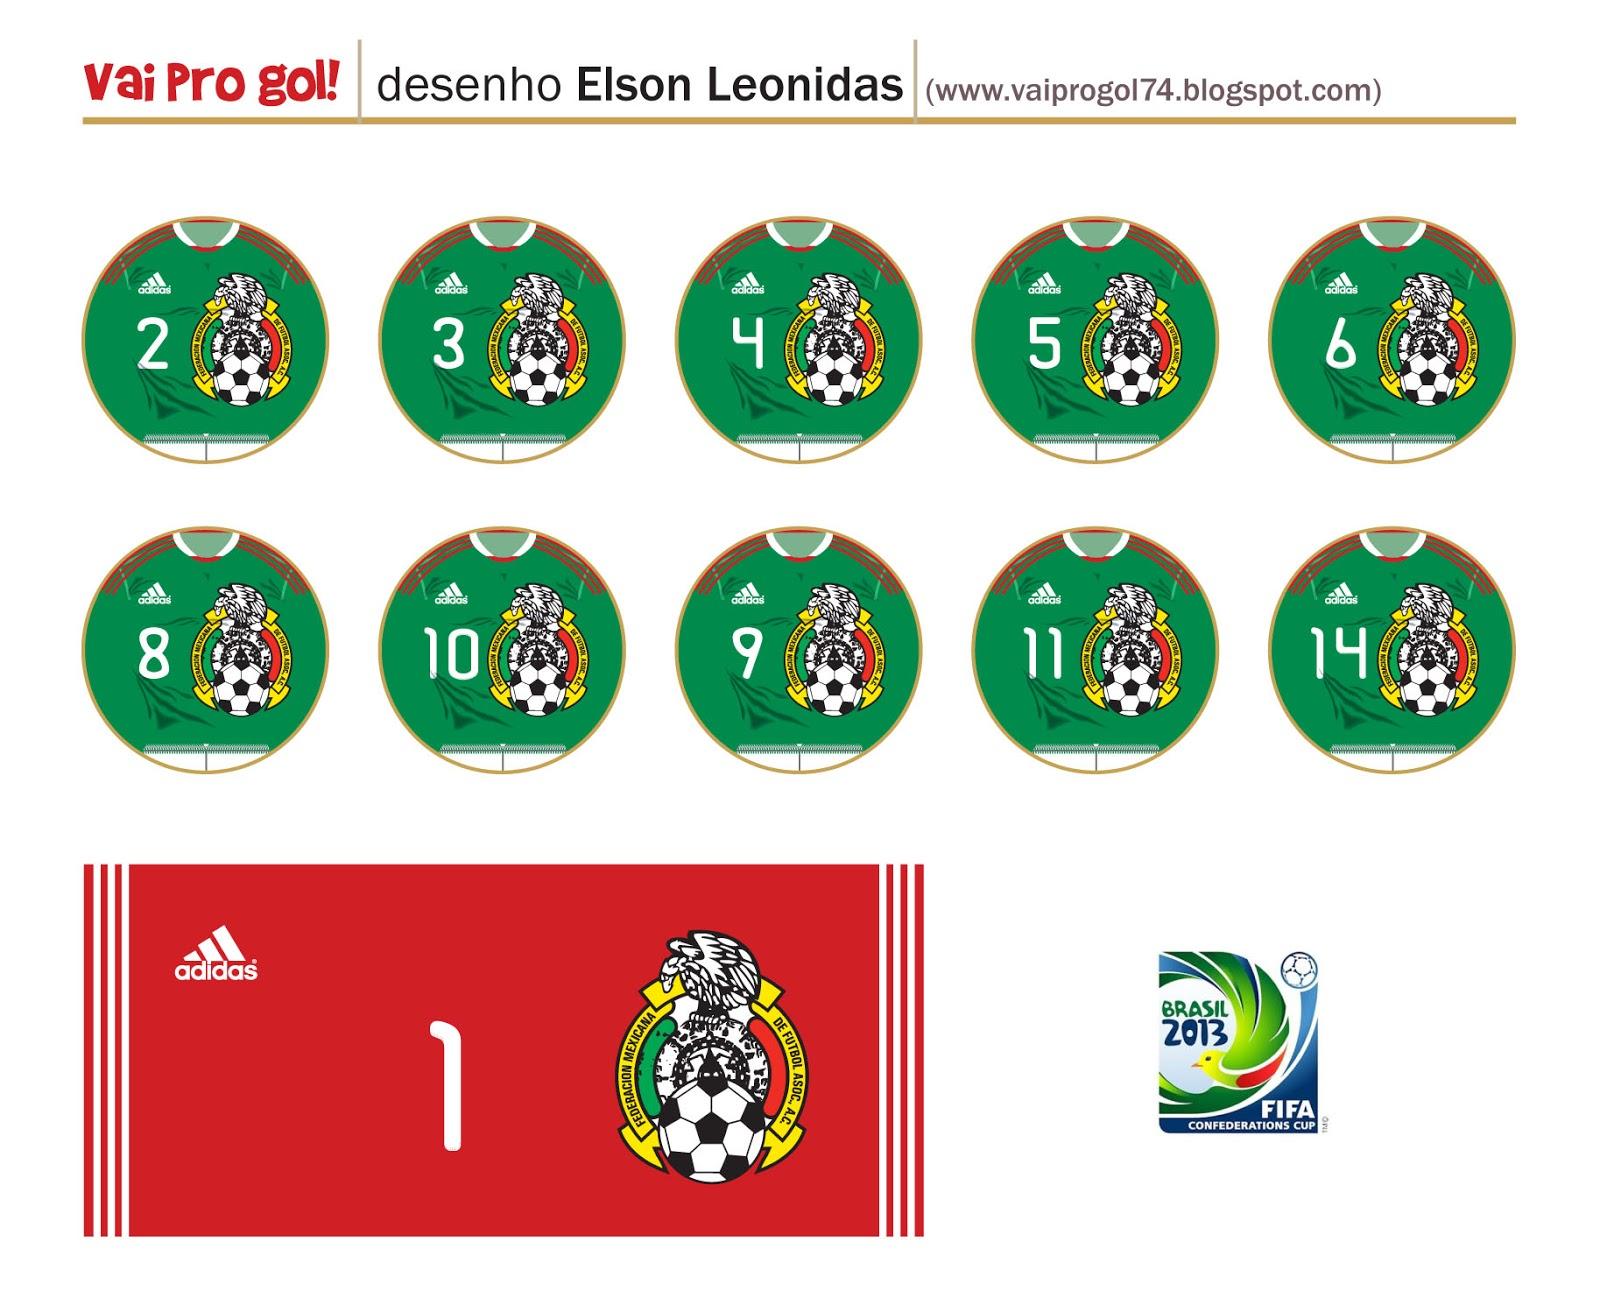 bf8250a56b196 O México disputa as eliminatórias para a Copa do Mundo pela CONCACAF  (América do Norte